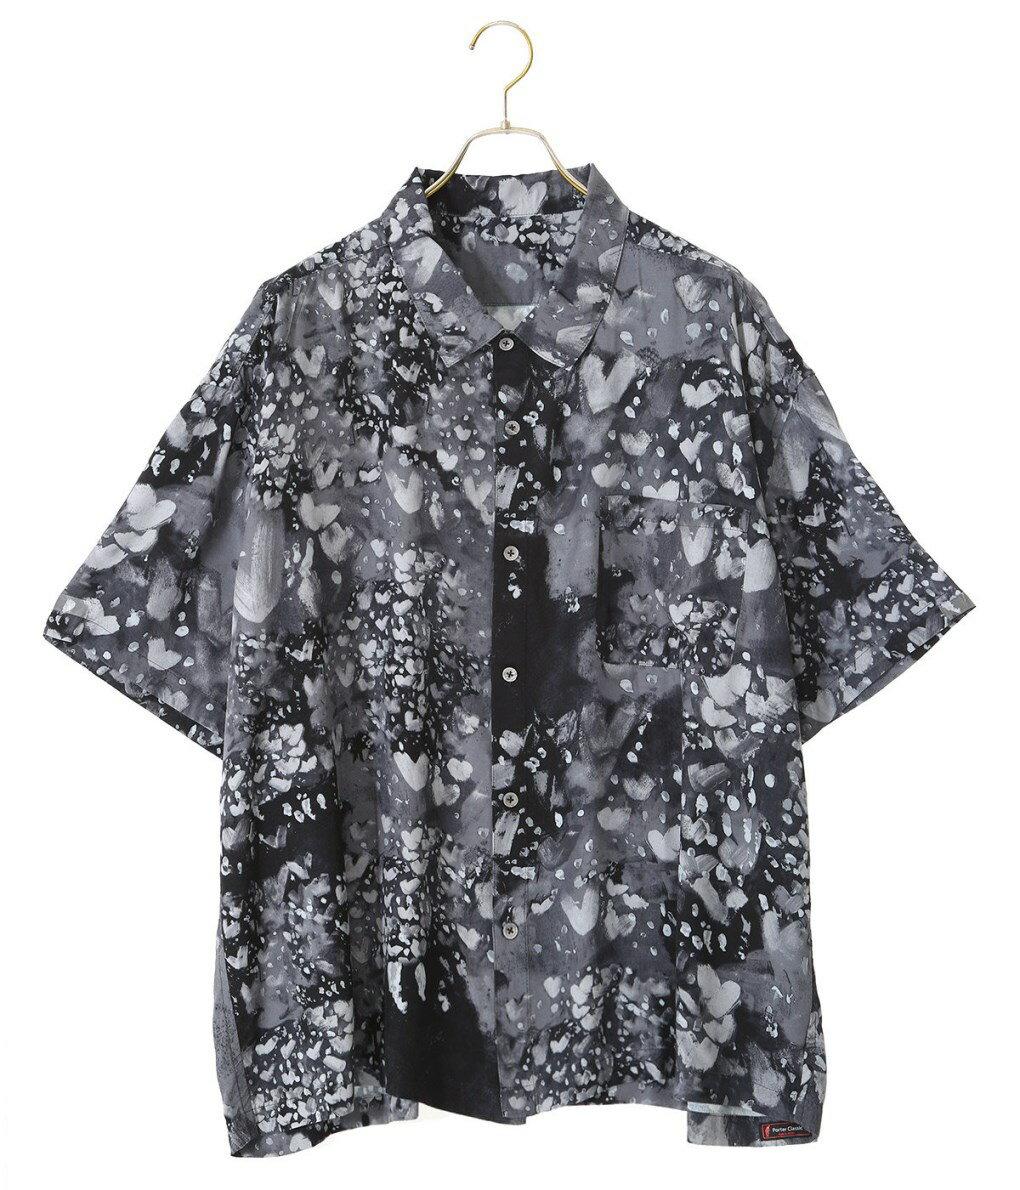 トップス, カジュアルシャツ Porter Classic : HEART ALOHA SHIRT 2 : : PC-024-1319 COR